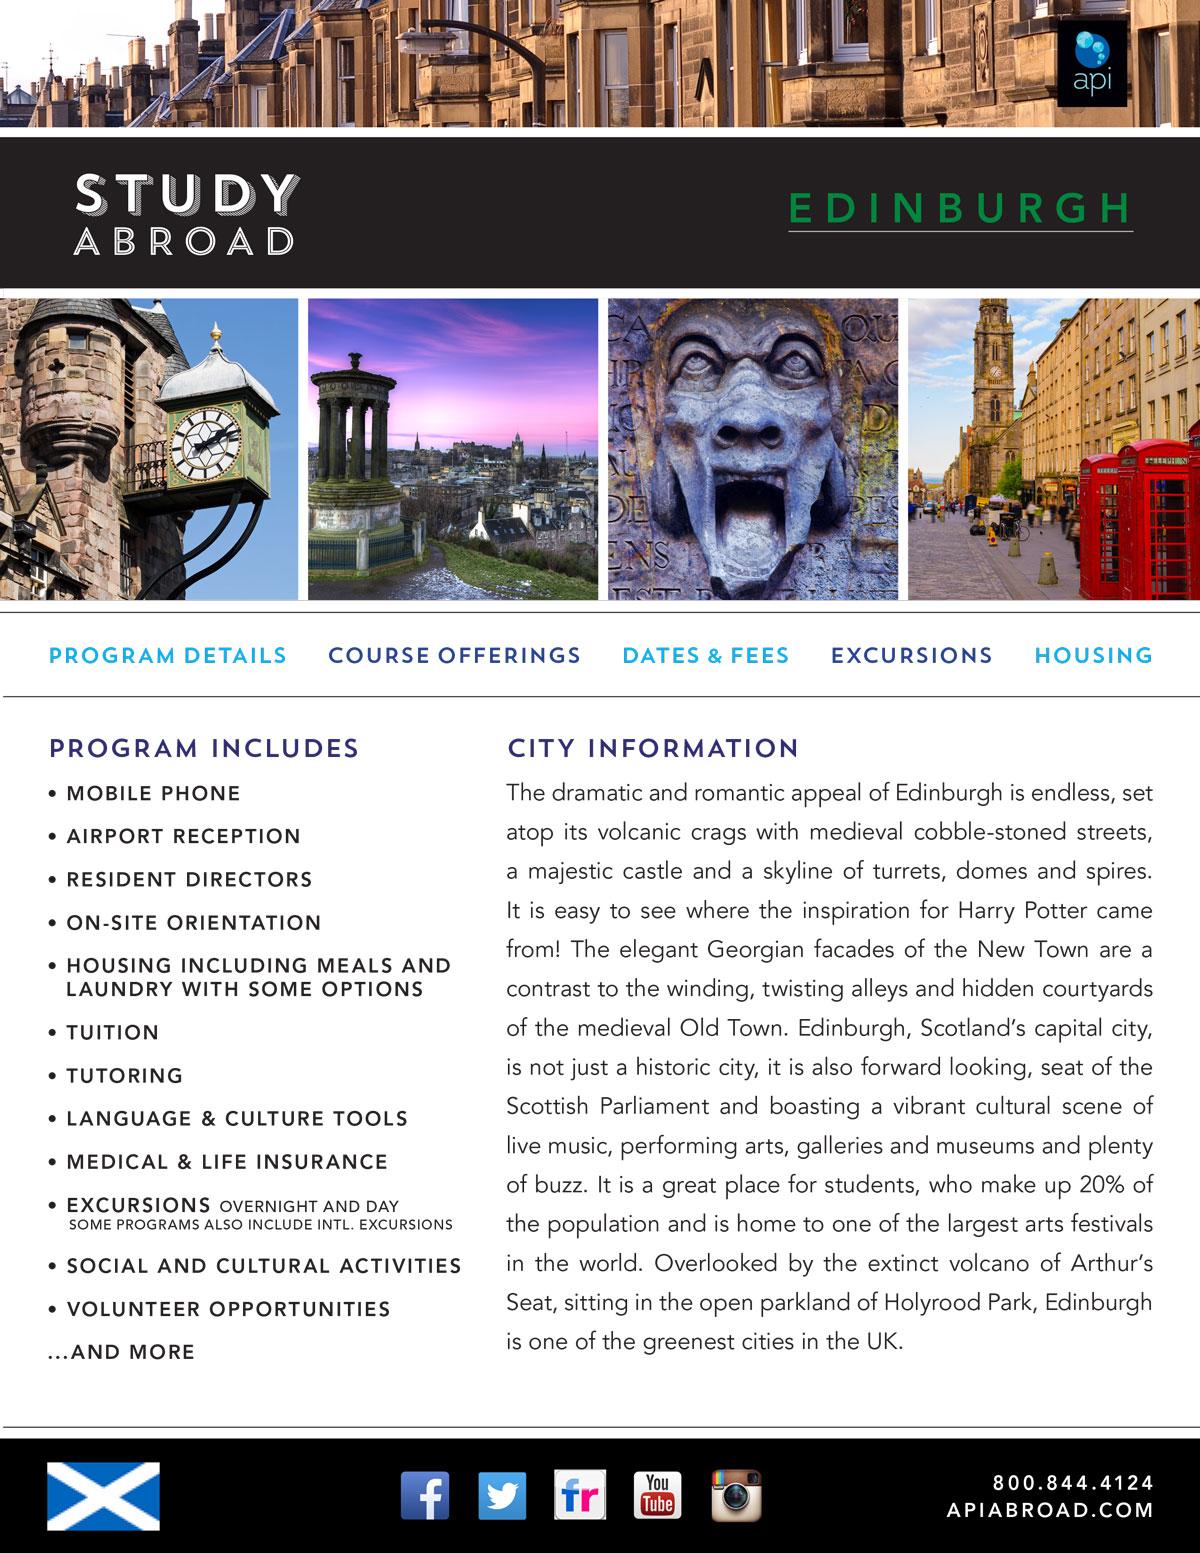 STUDY ABROAD SYLLABUS - blog.spcollege.edu